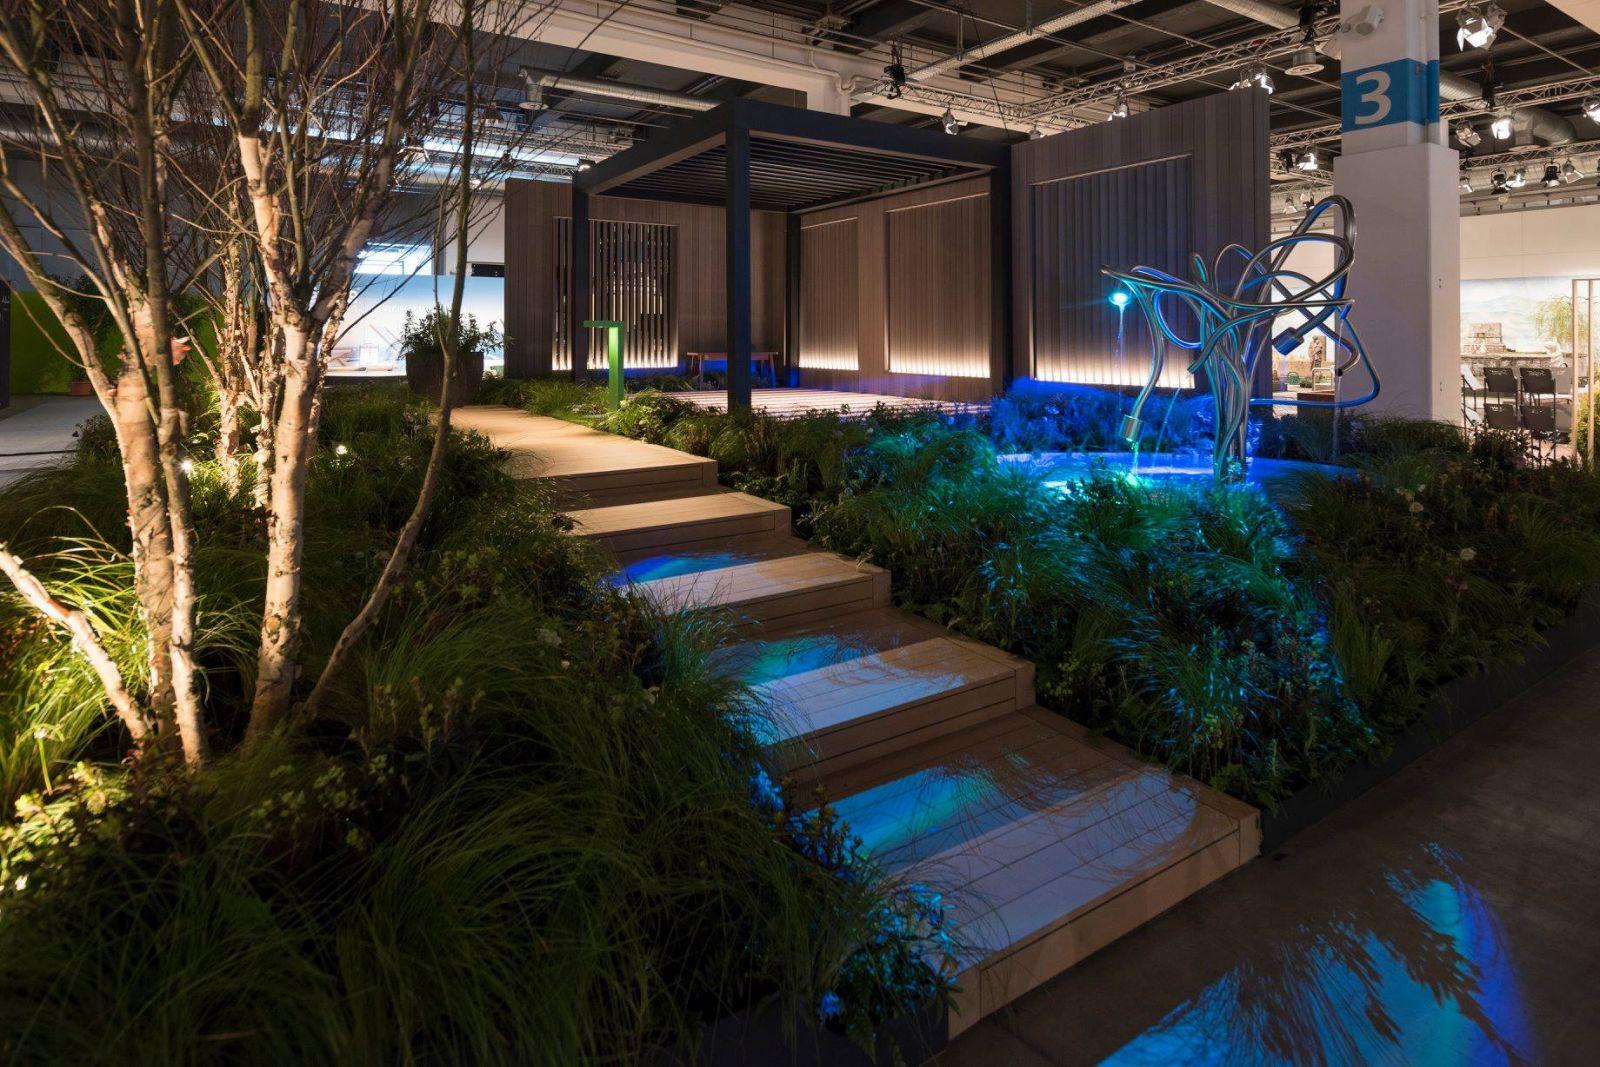 Giardina - Live your garden 6